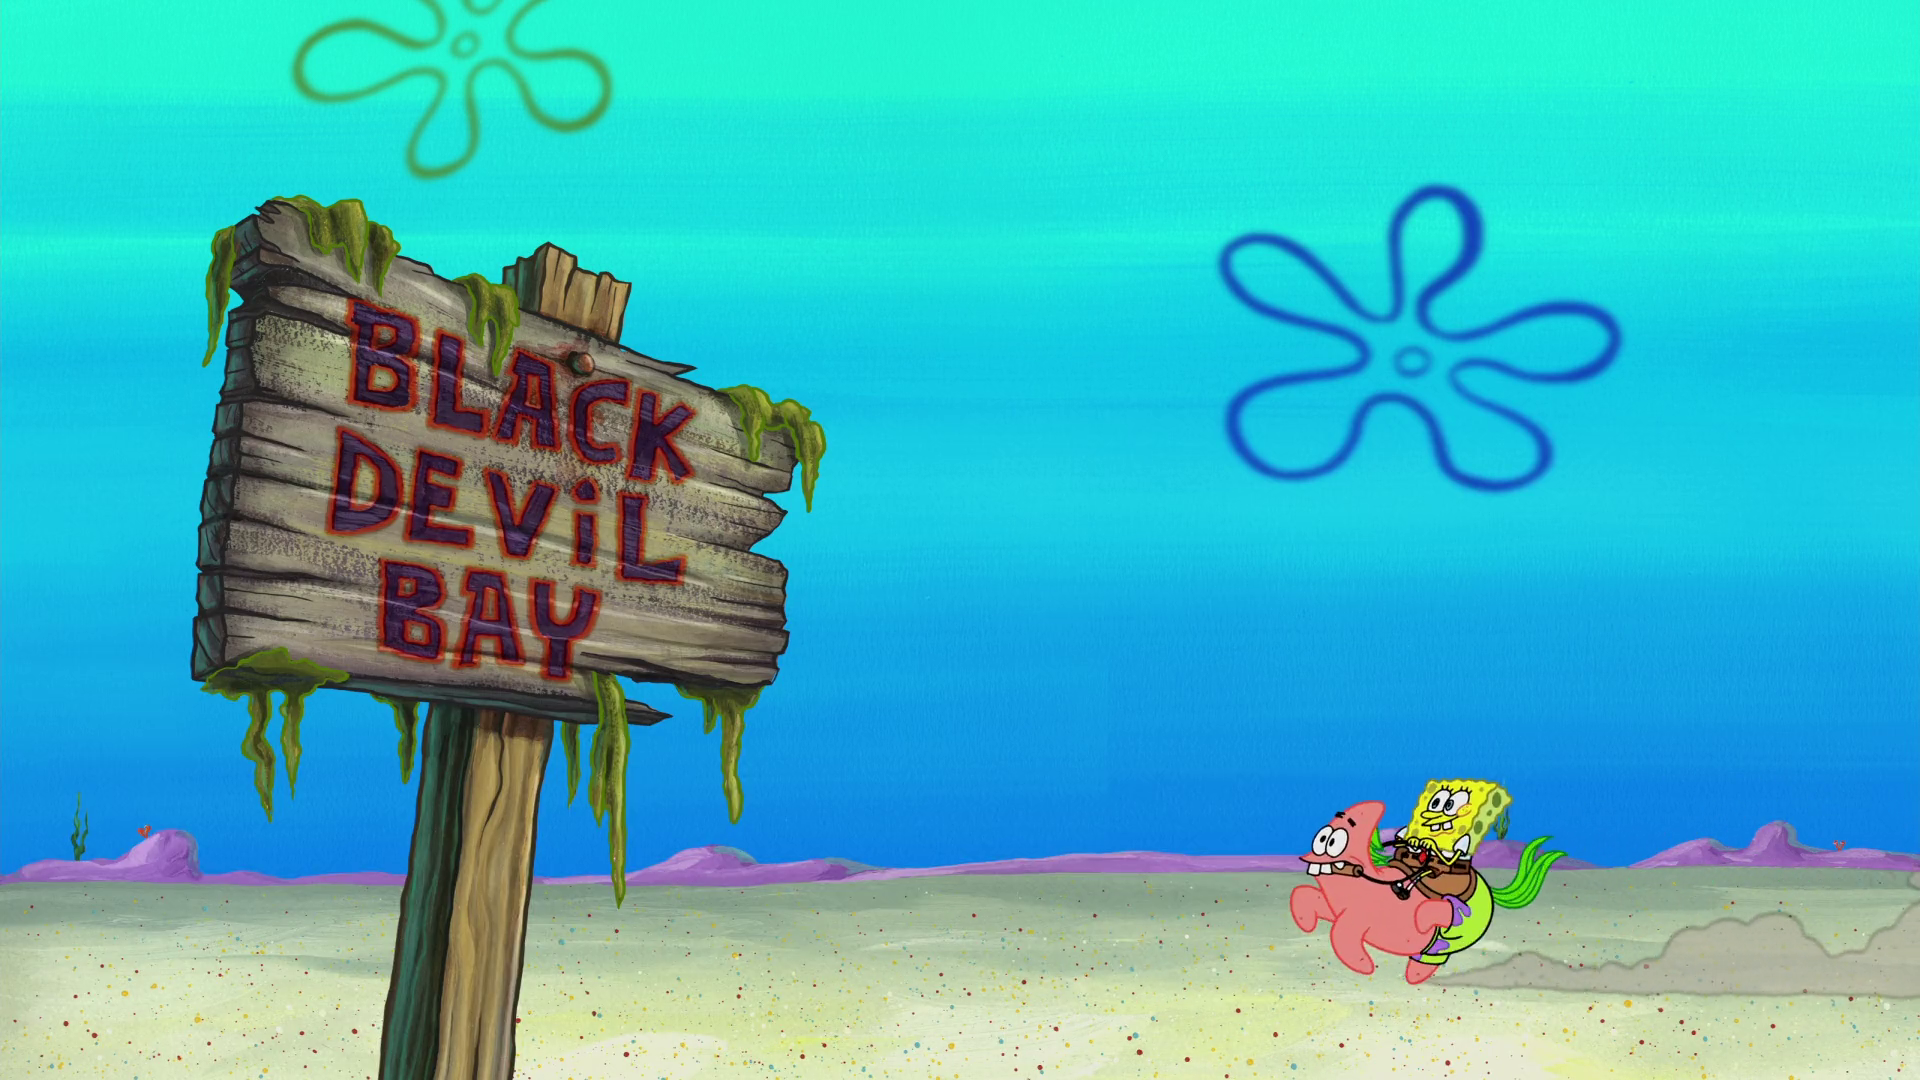 Black Devil Bay